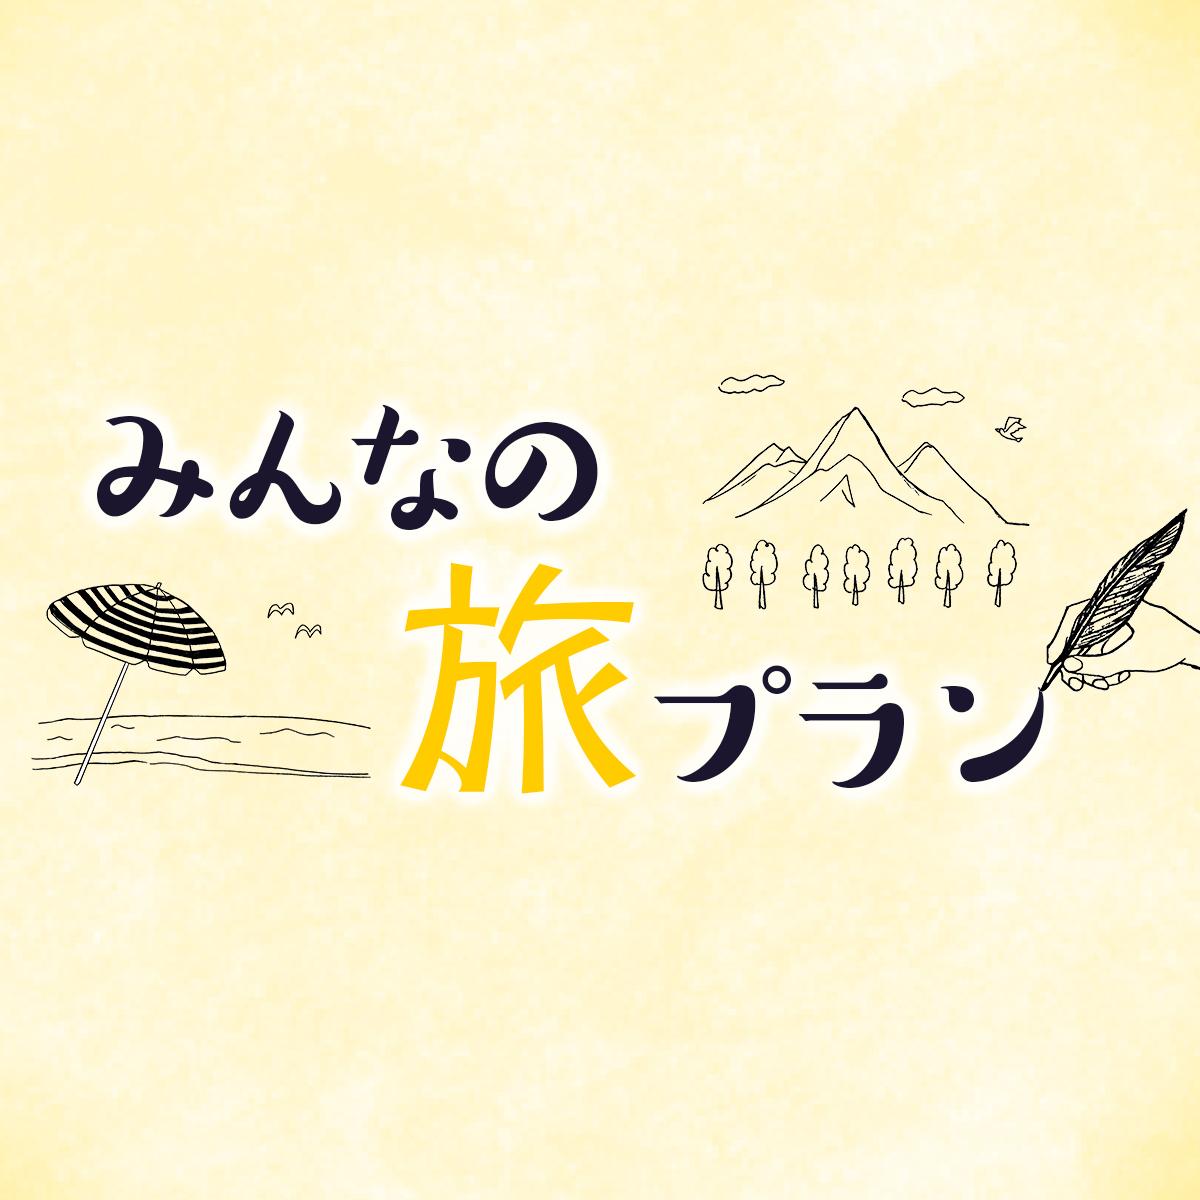 【編集】旅プラン紹介コンテンツ|ウェブマガジン「旅色」